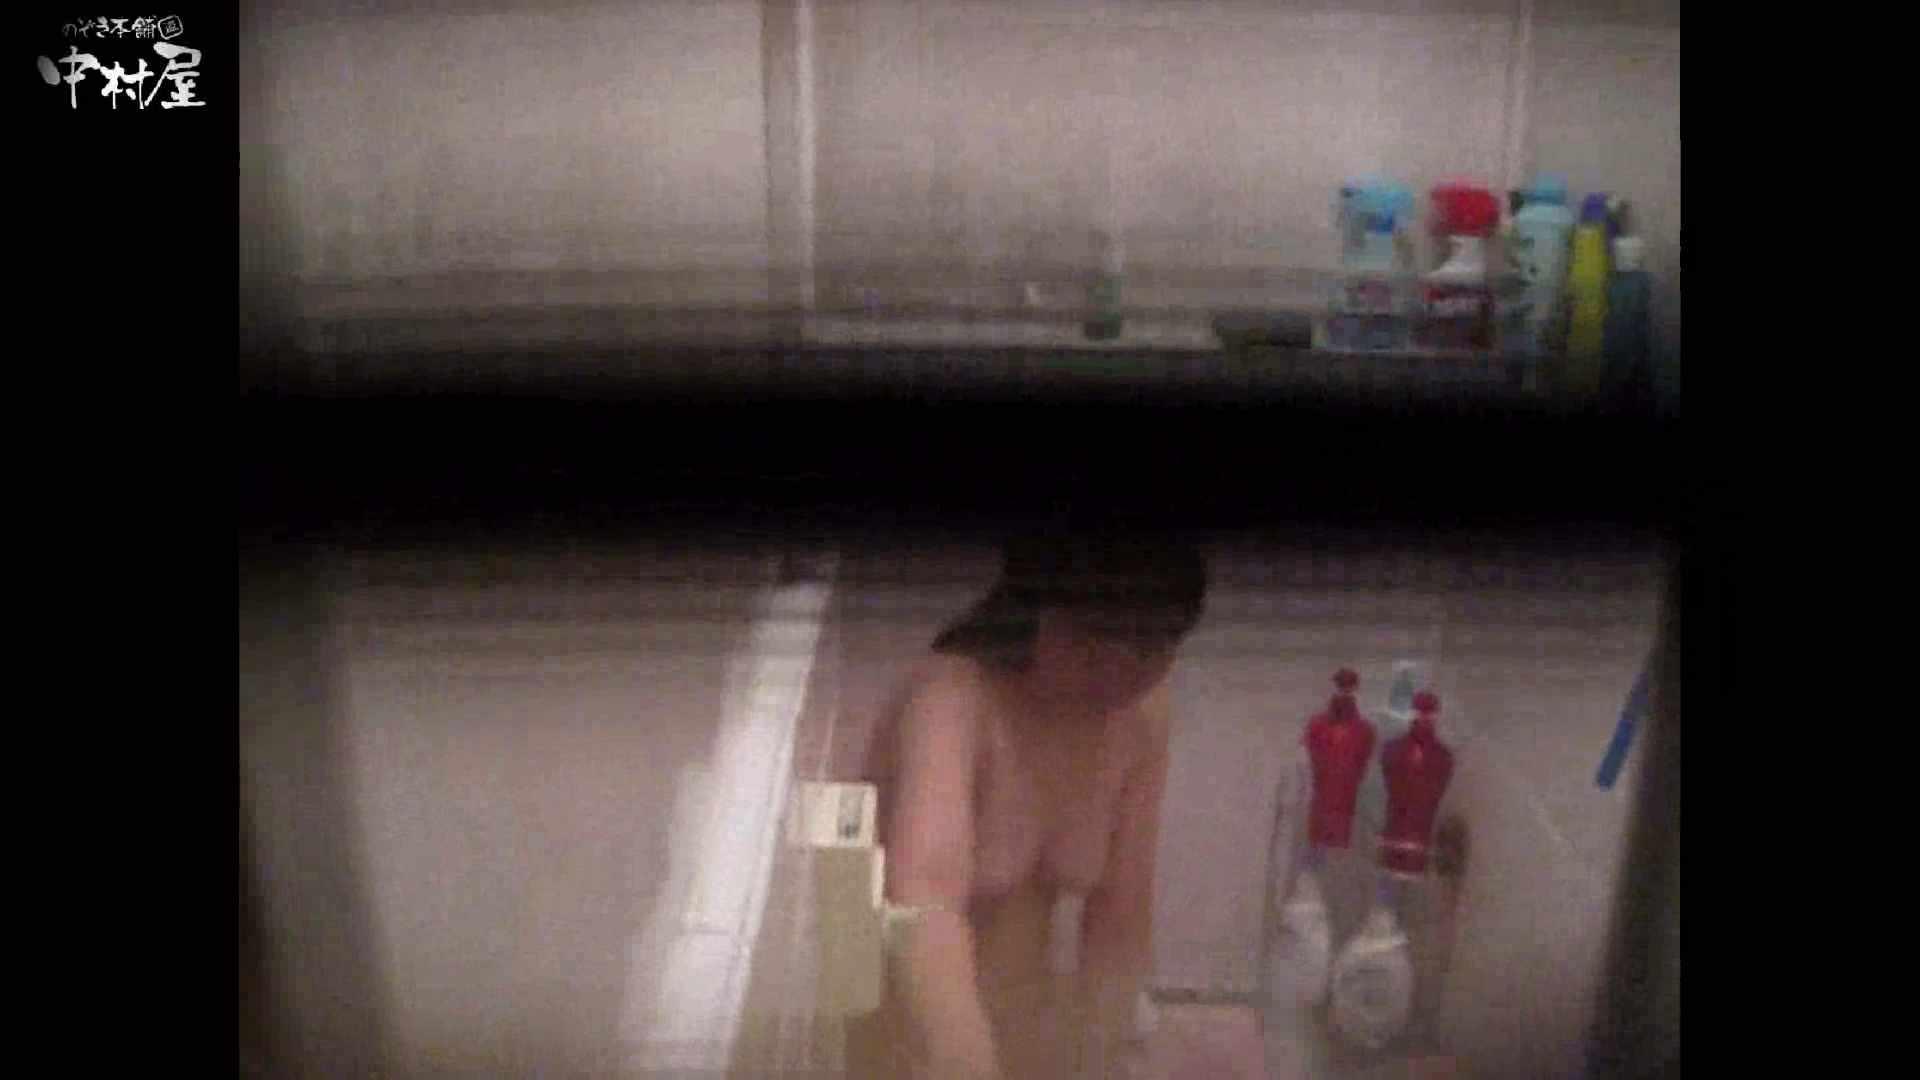 民家風呂専門盗撮師の超危険映像 vol.017 美女まとめ オマンコ無修正動画無料 110PIX 52